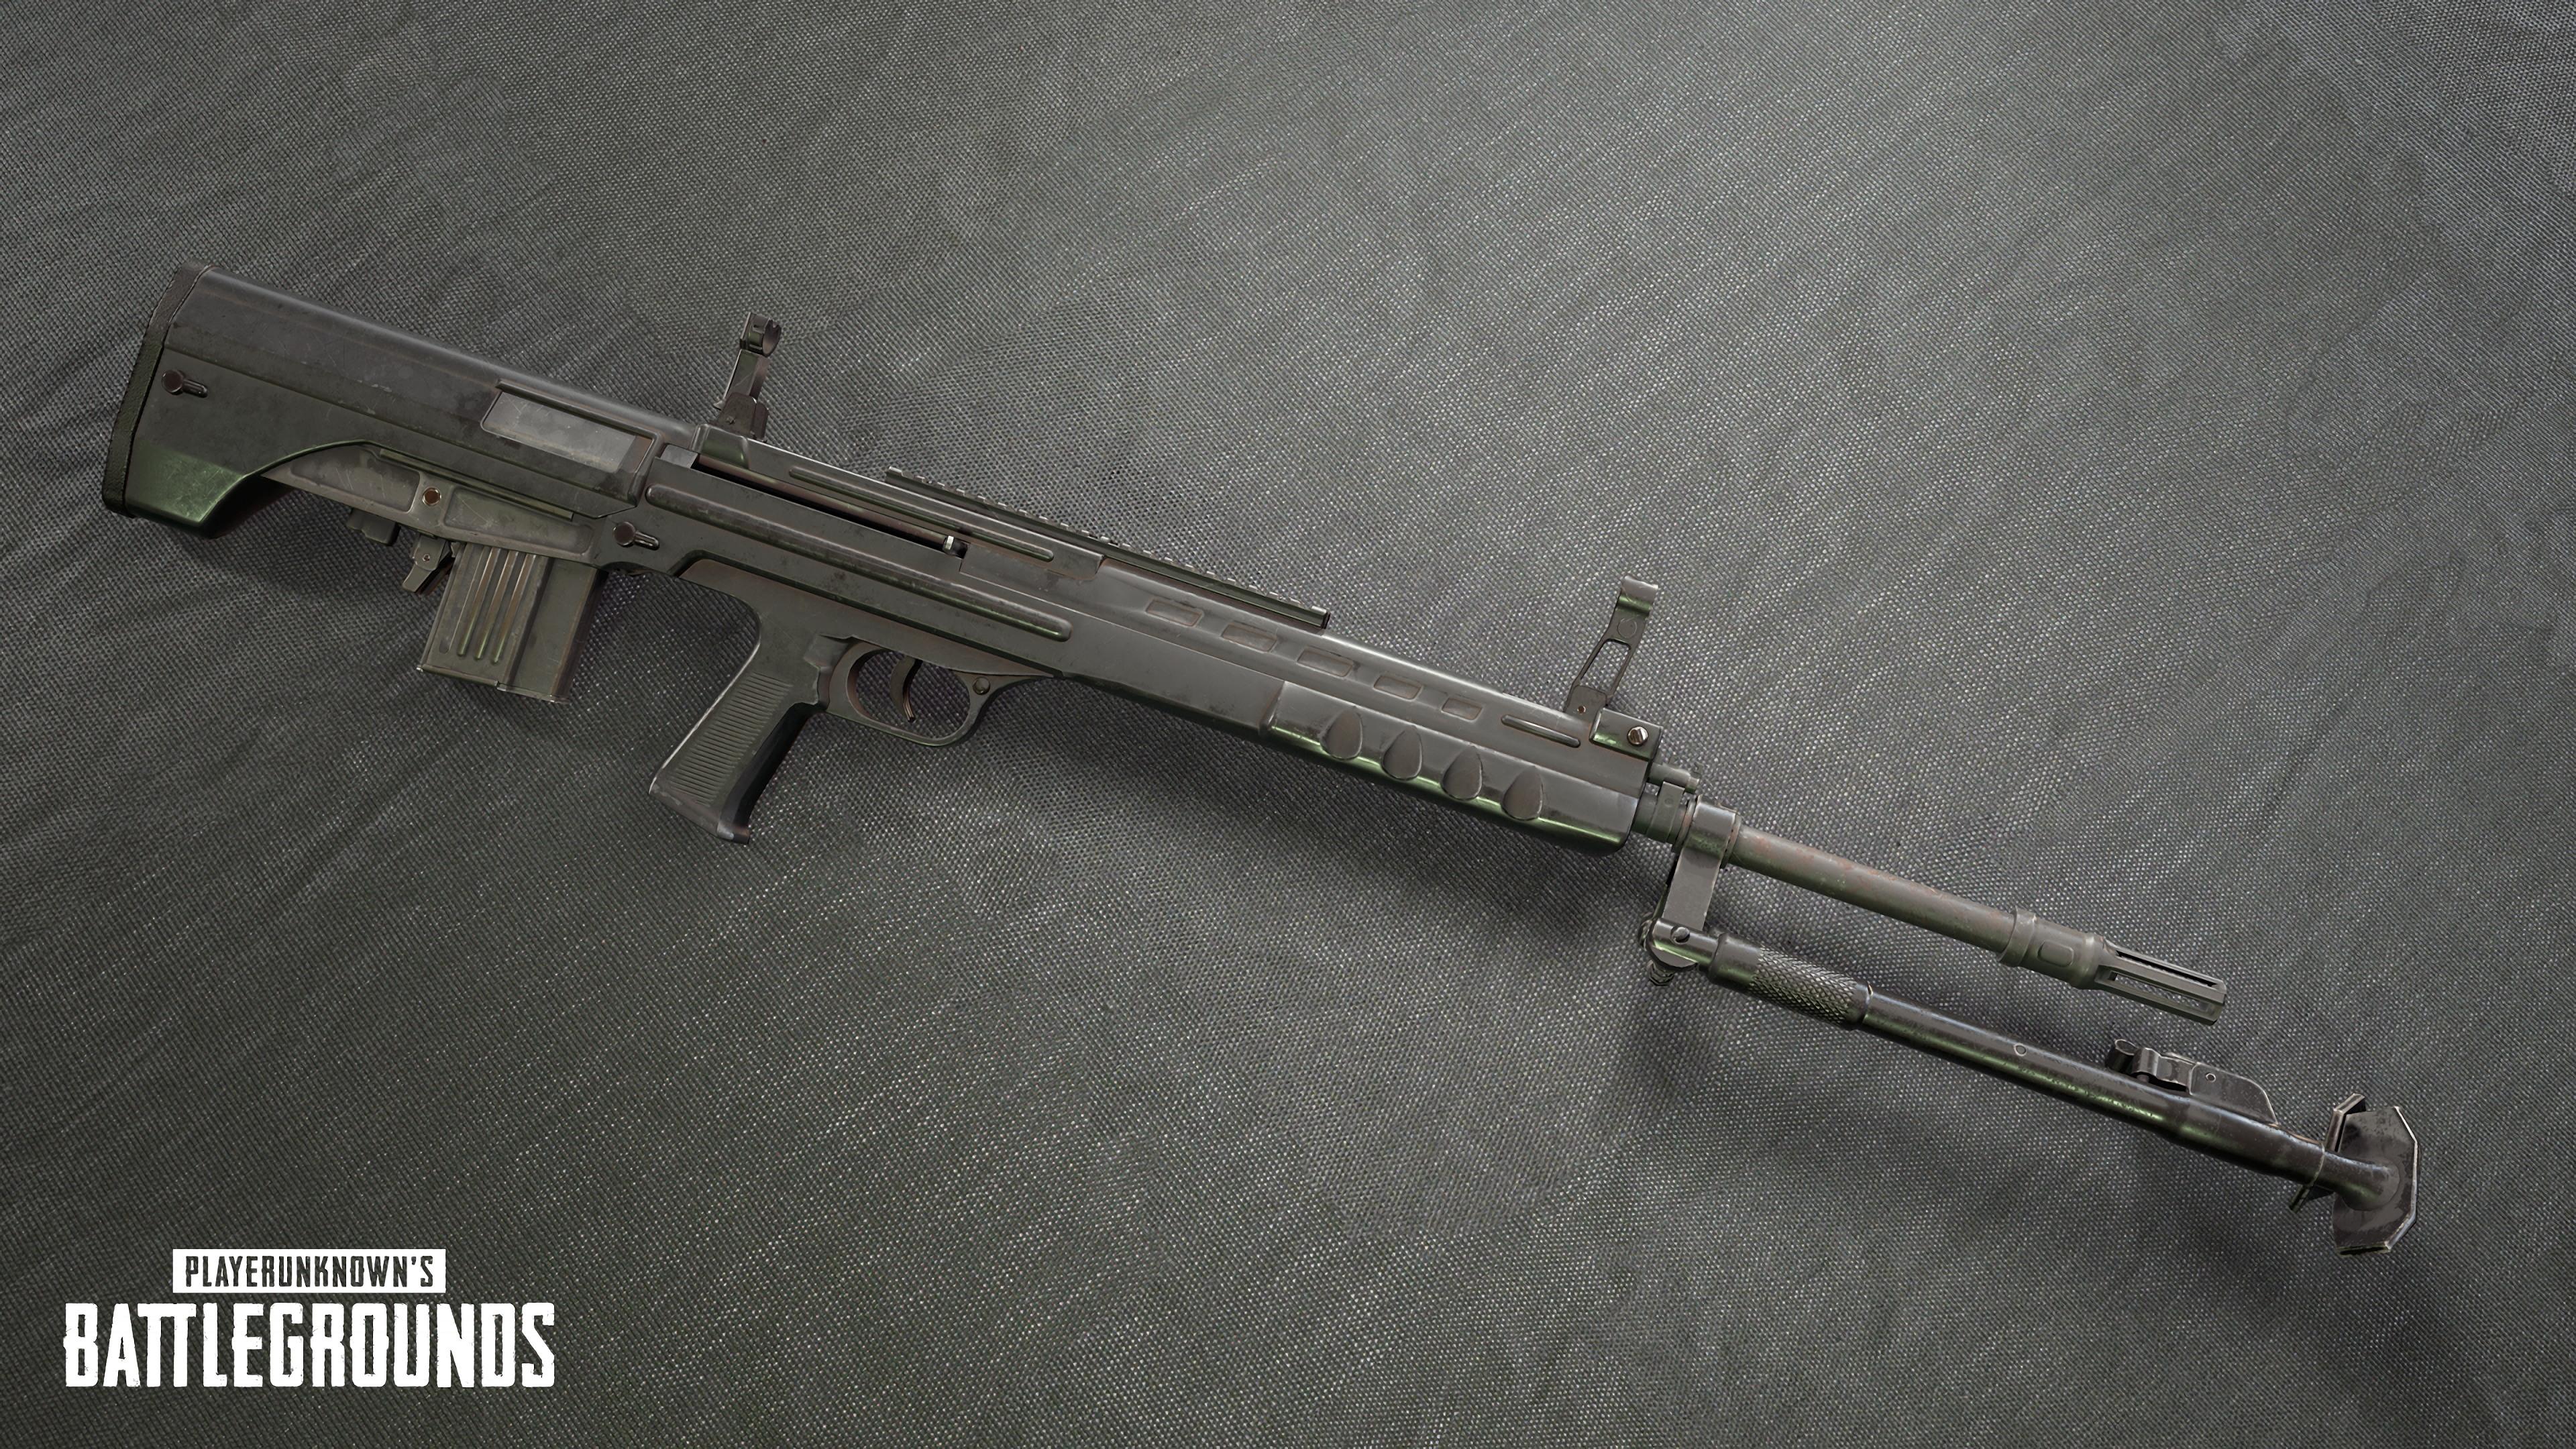 pubg playerunknown s battlegrounds weapon rifle 4k wallpaper 1544827930 - PUBG PlayerUnknown's Battlegrounds Weapon Rifle 4K Wallpaper - PlayerUnknown's Battlegrounds (PUBG) 4k wallpapers